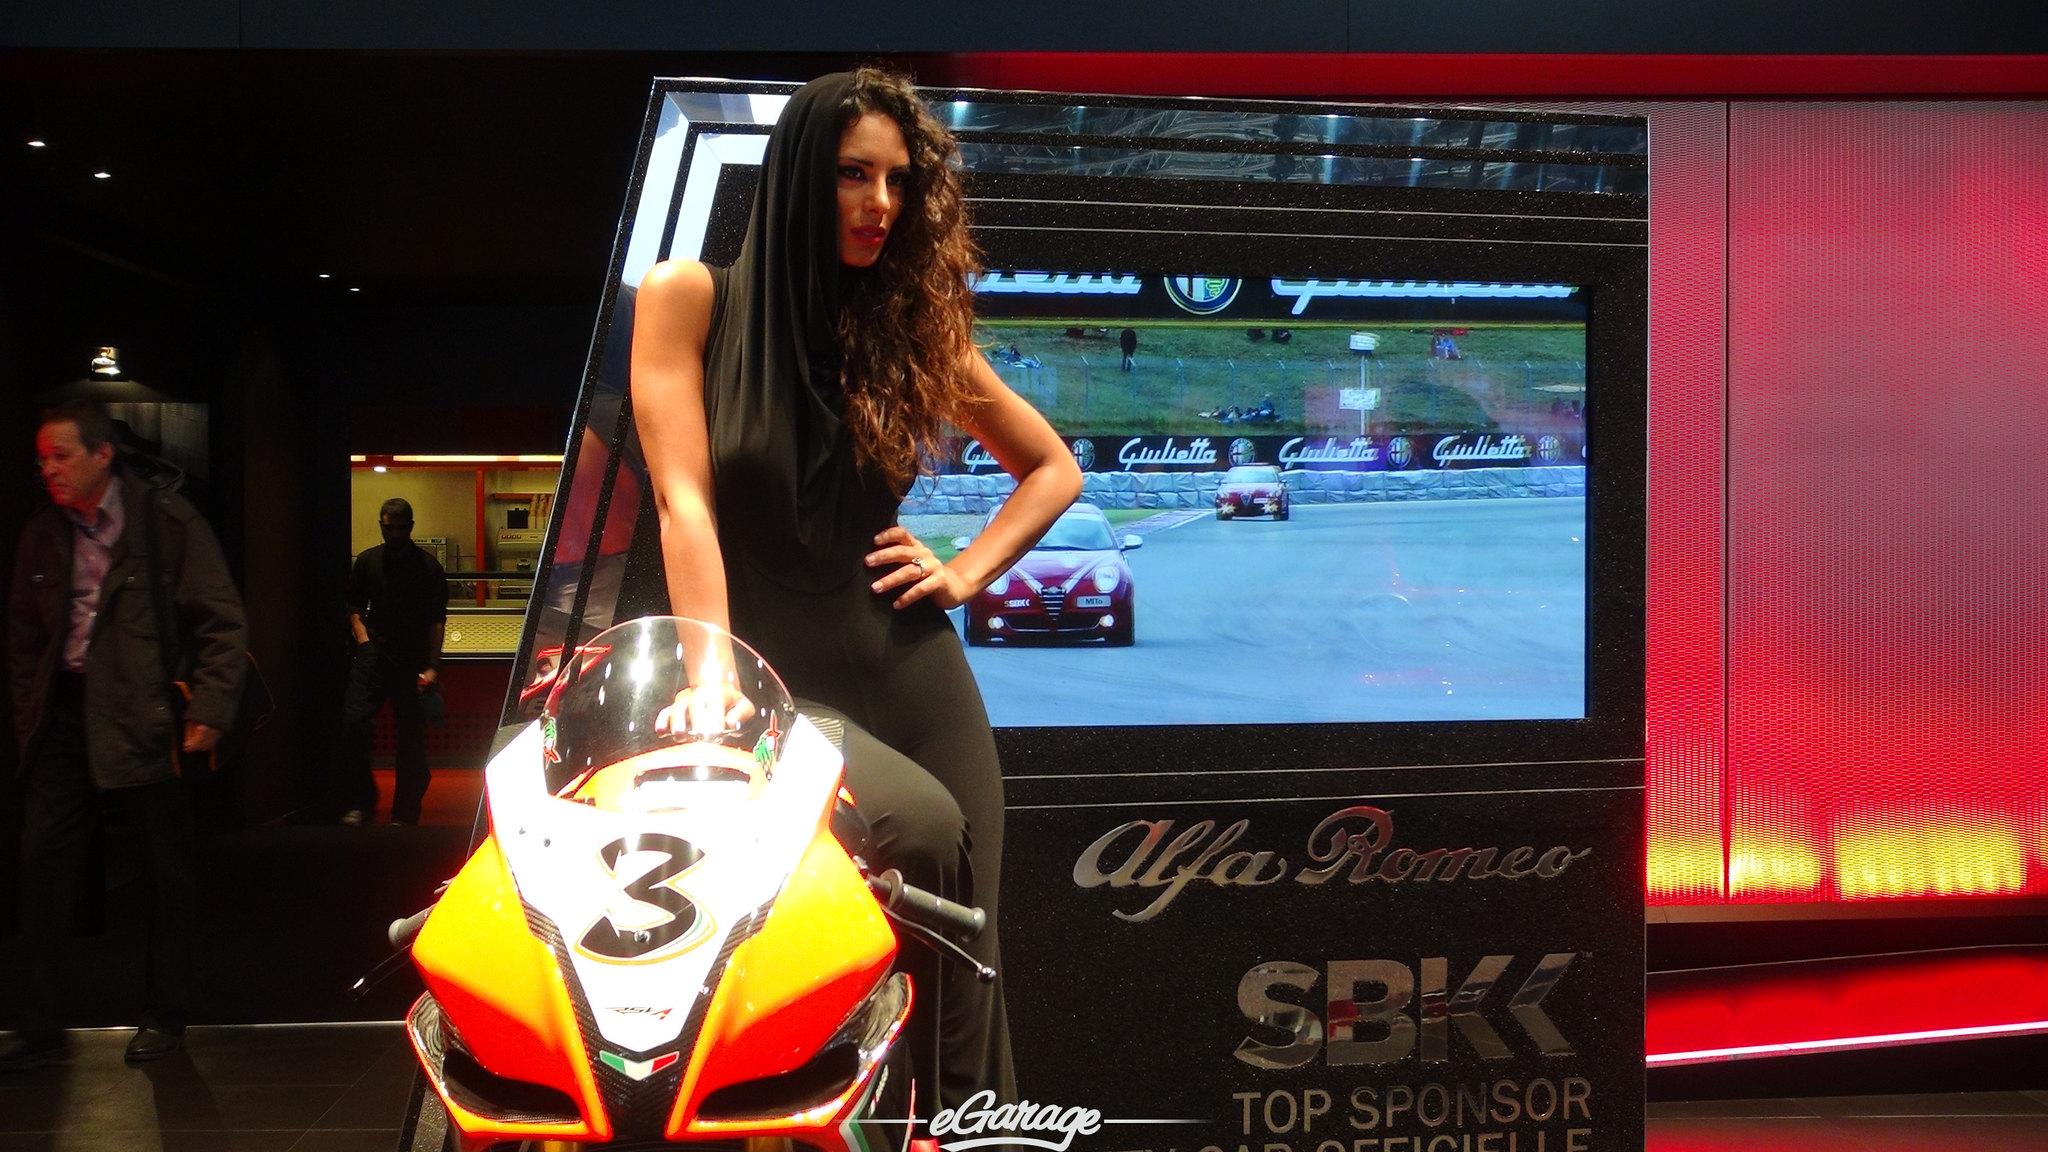 8034737324 b50a6ec7e2 k 2012 Paris Motor Show